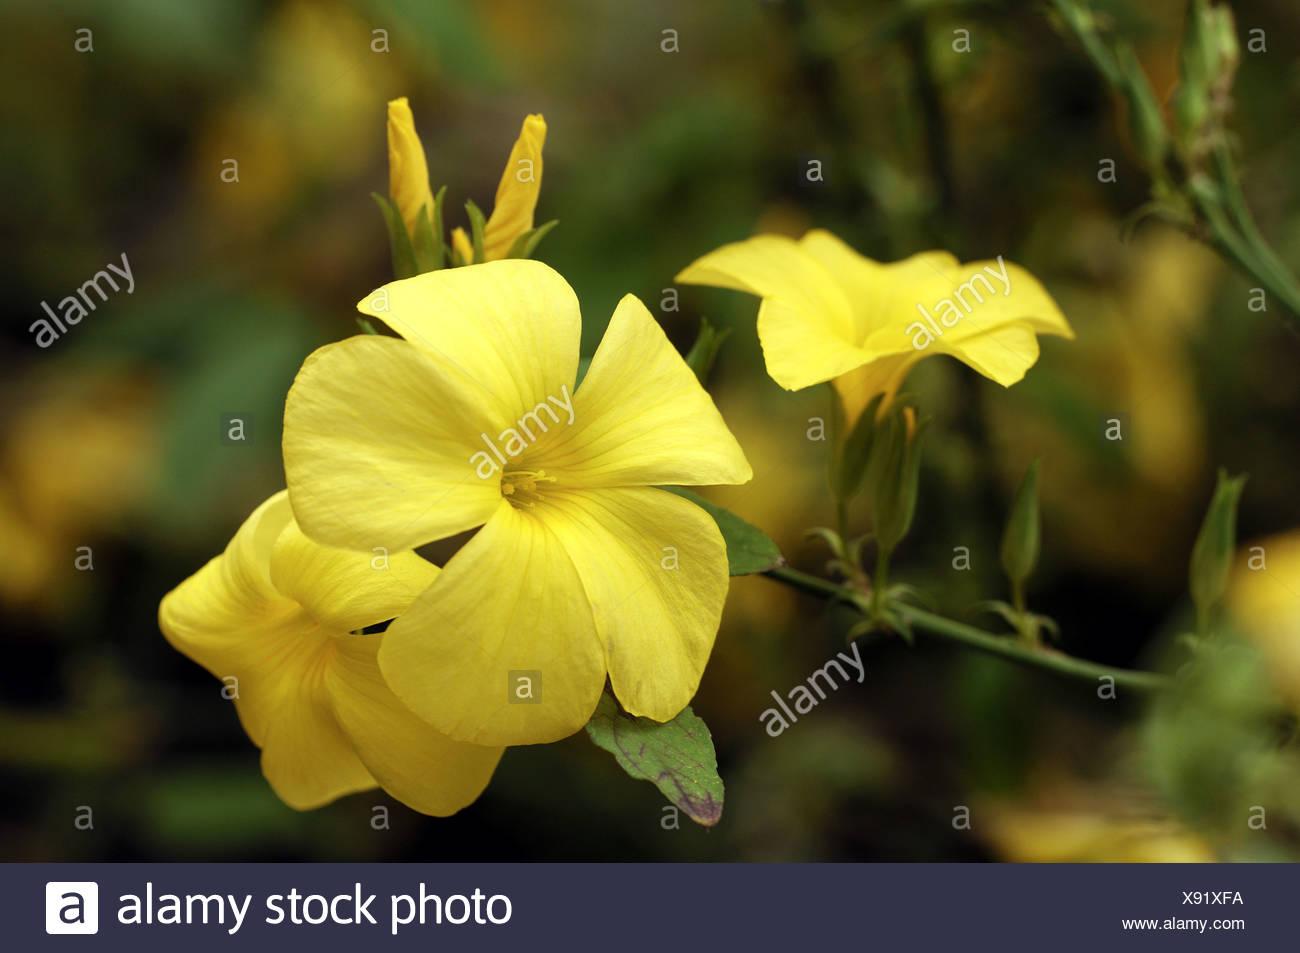 Yellow flax reinwardtia indica flowers stock photo 280940558 alamy yellow flax reinwardtia indica flowers mightylinksfo